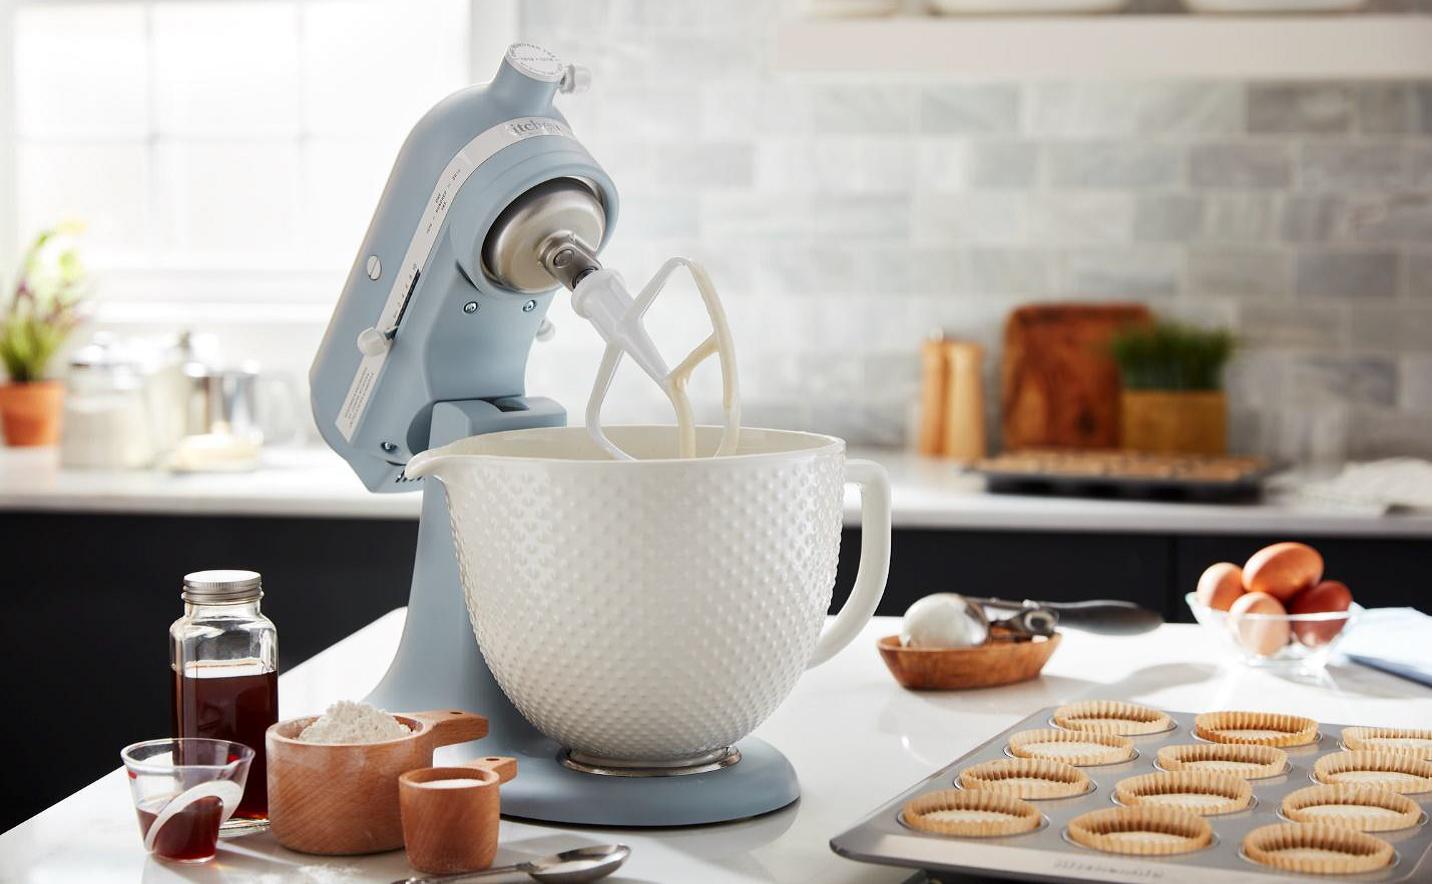 KitchenAid celebra 100 anni di storia con una Limited Edition del ...